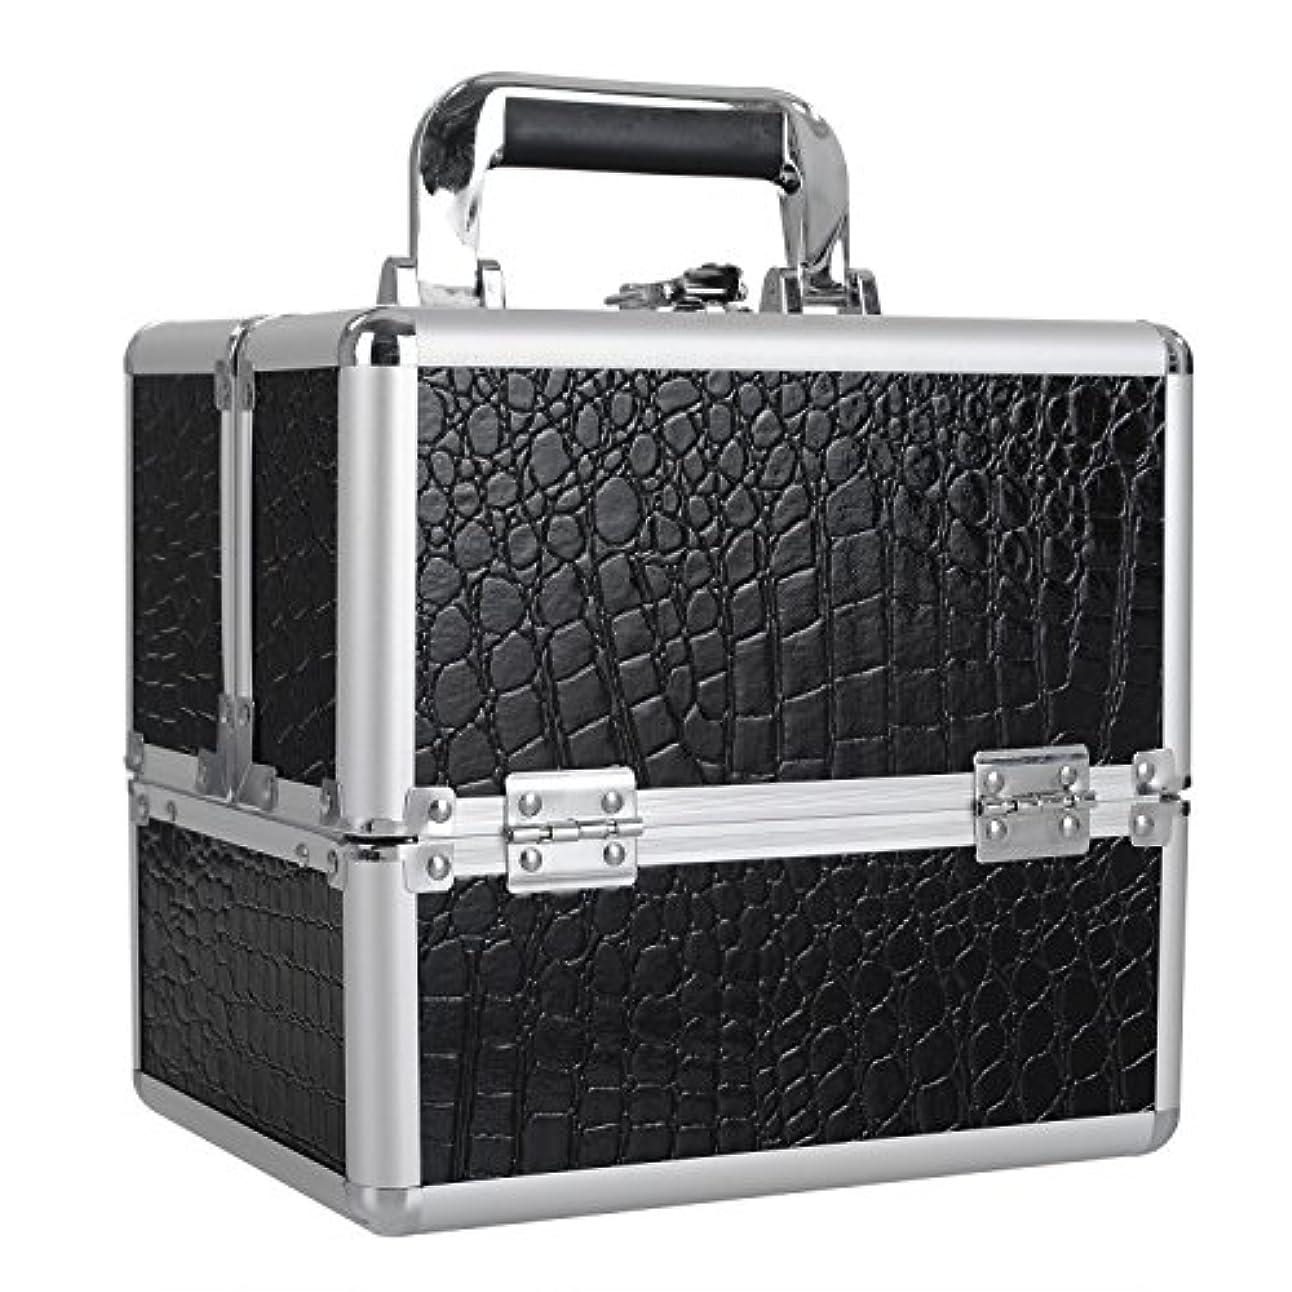 テナント小道具所属[プロ仕様]Hapilife メイクボックス 大容量 4つトレイ 可動仕切り付き 幅25cm 中型 ネイルグッズ 化粧品 メイク道具 収納ボックス ブラック